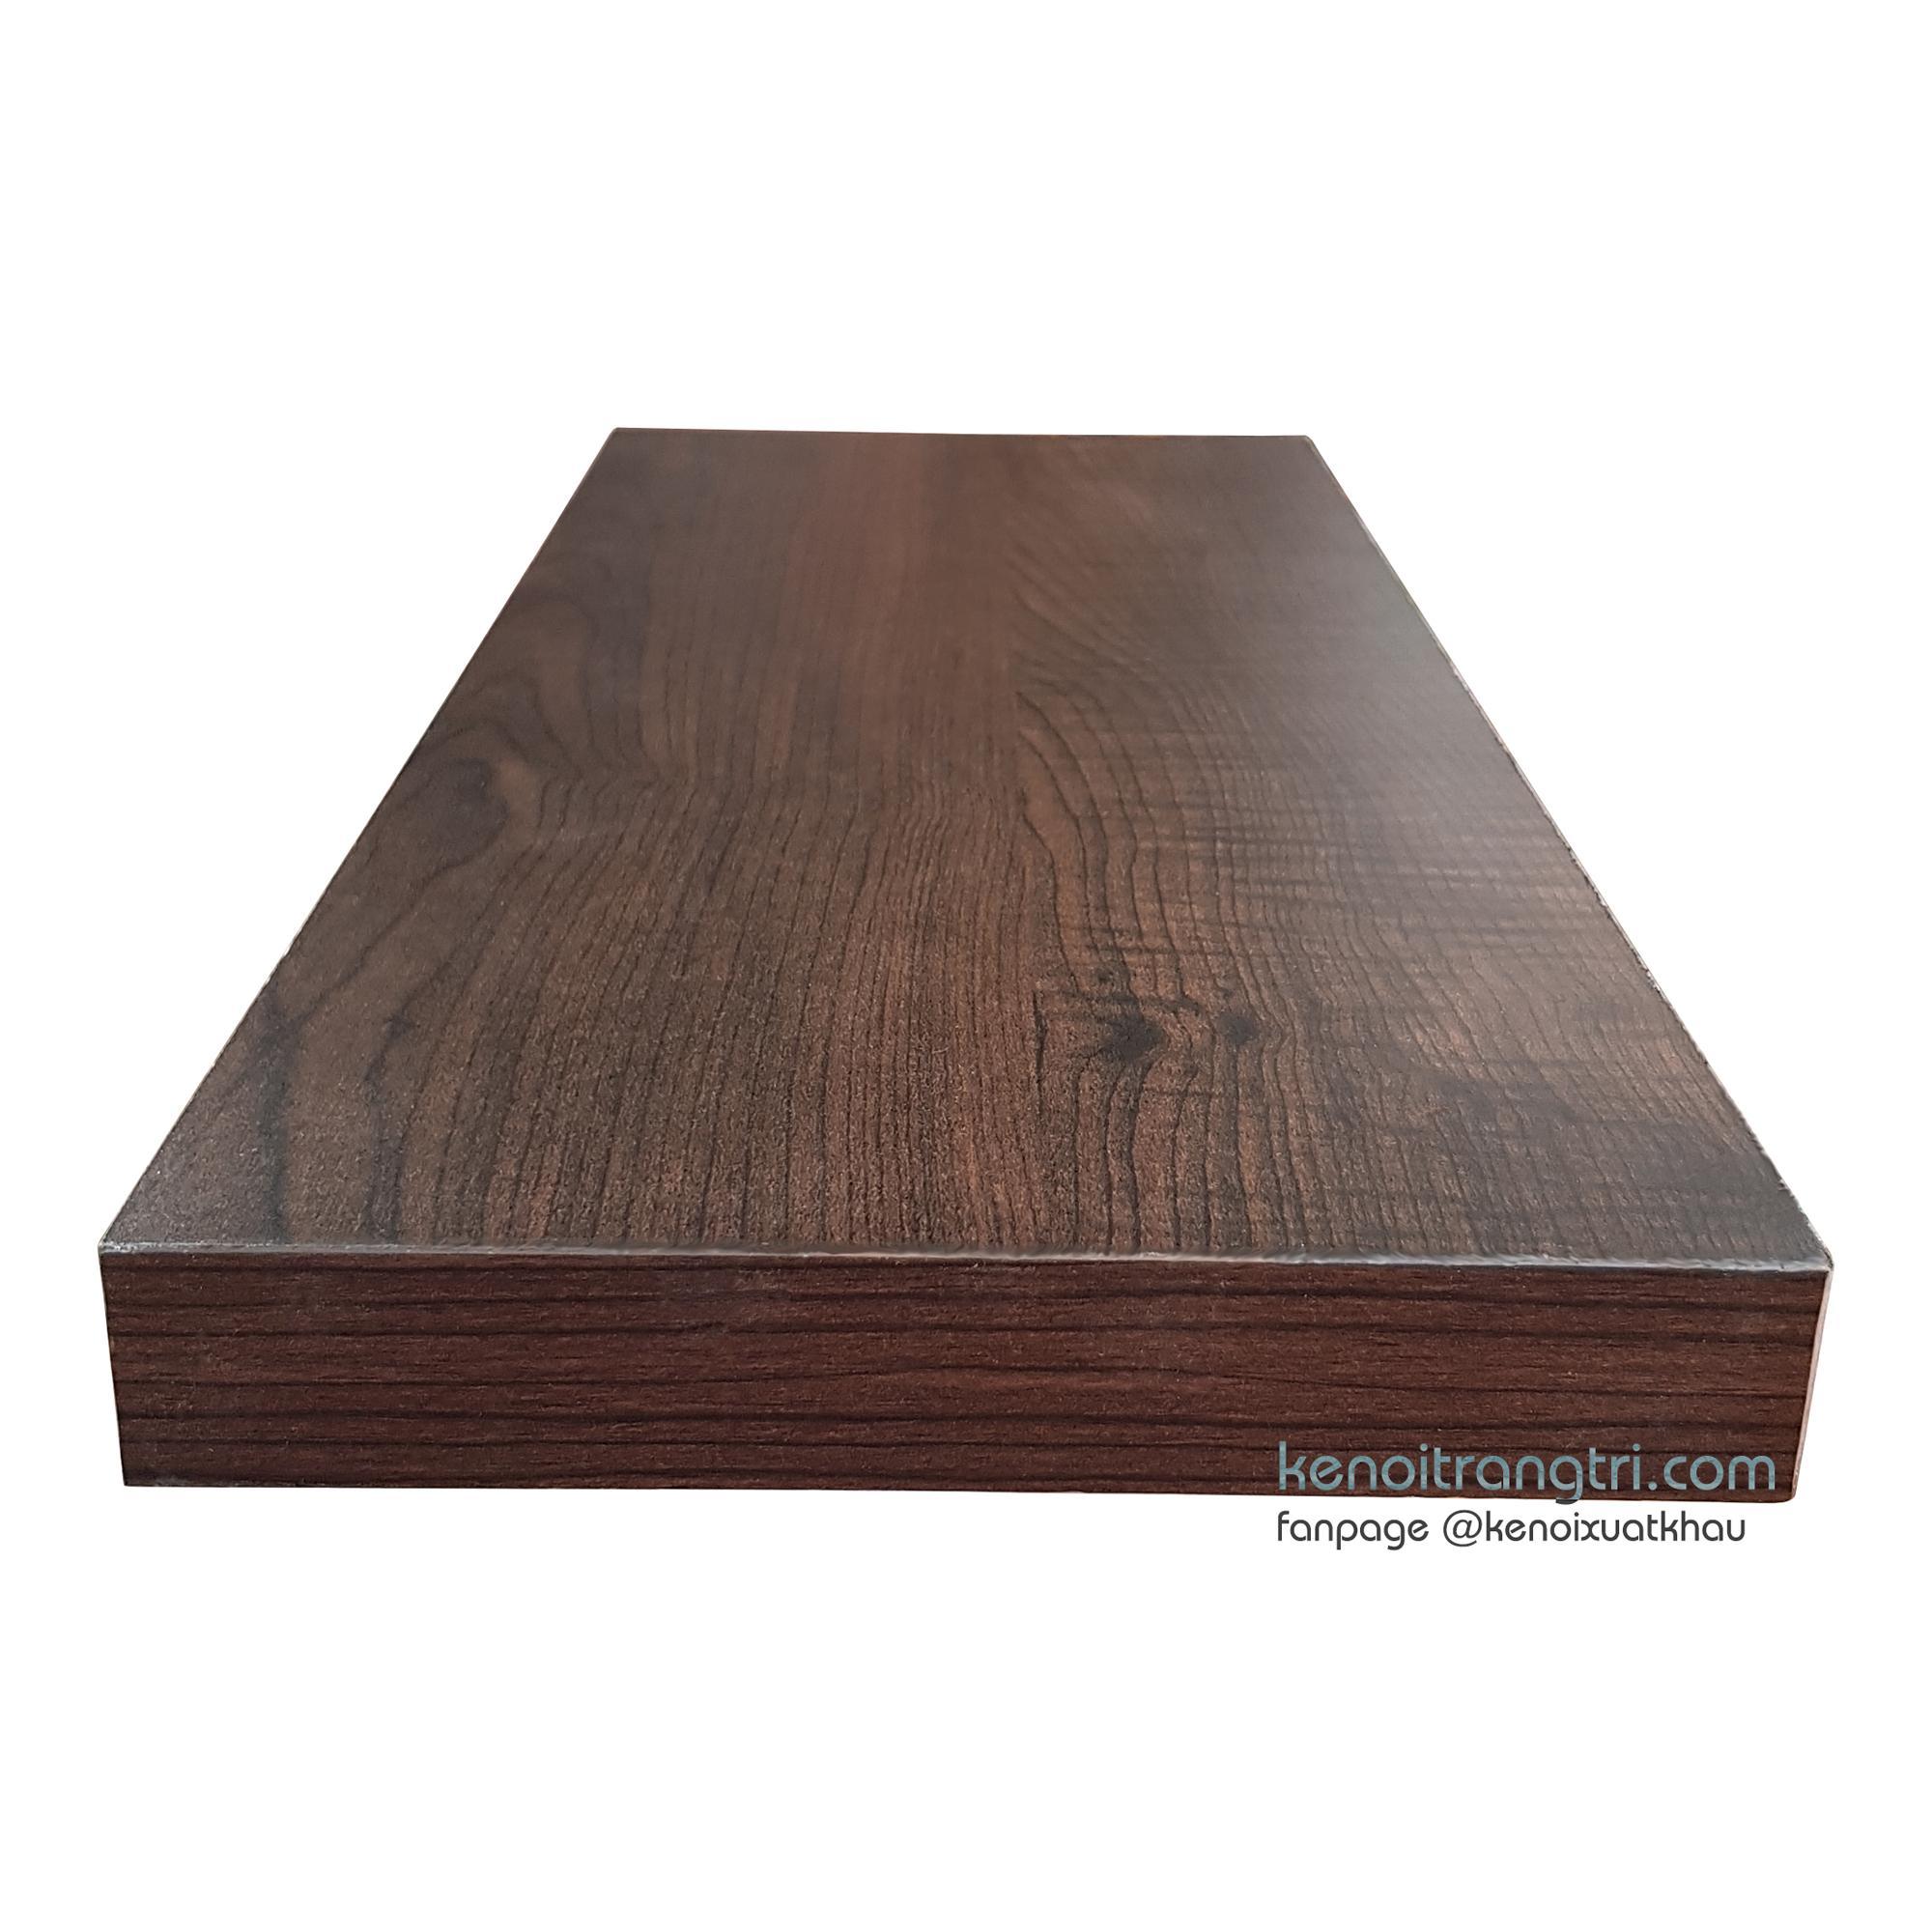 Kệ nổi 1 thanh 45 * 19.5 * 3 cm Modo Cherry Wood (Gỗ anh đào)